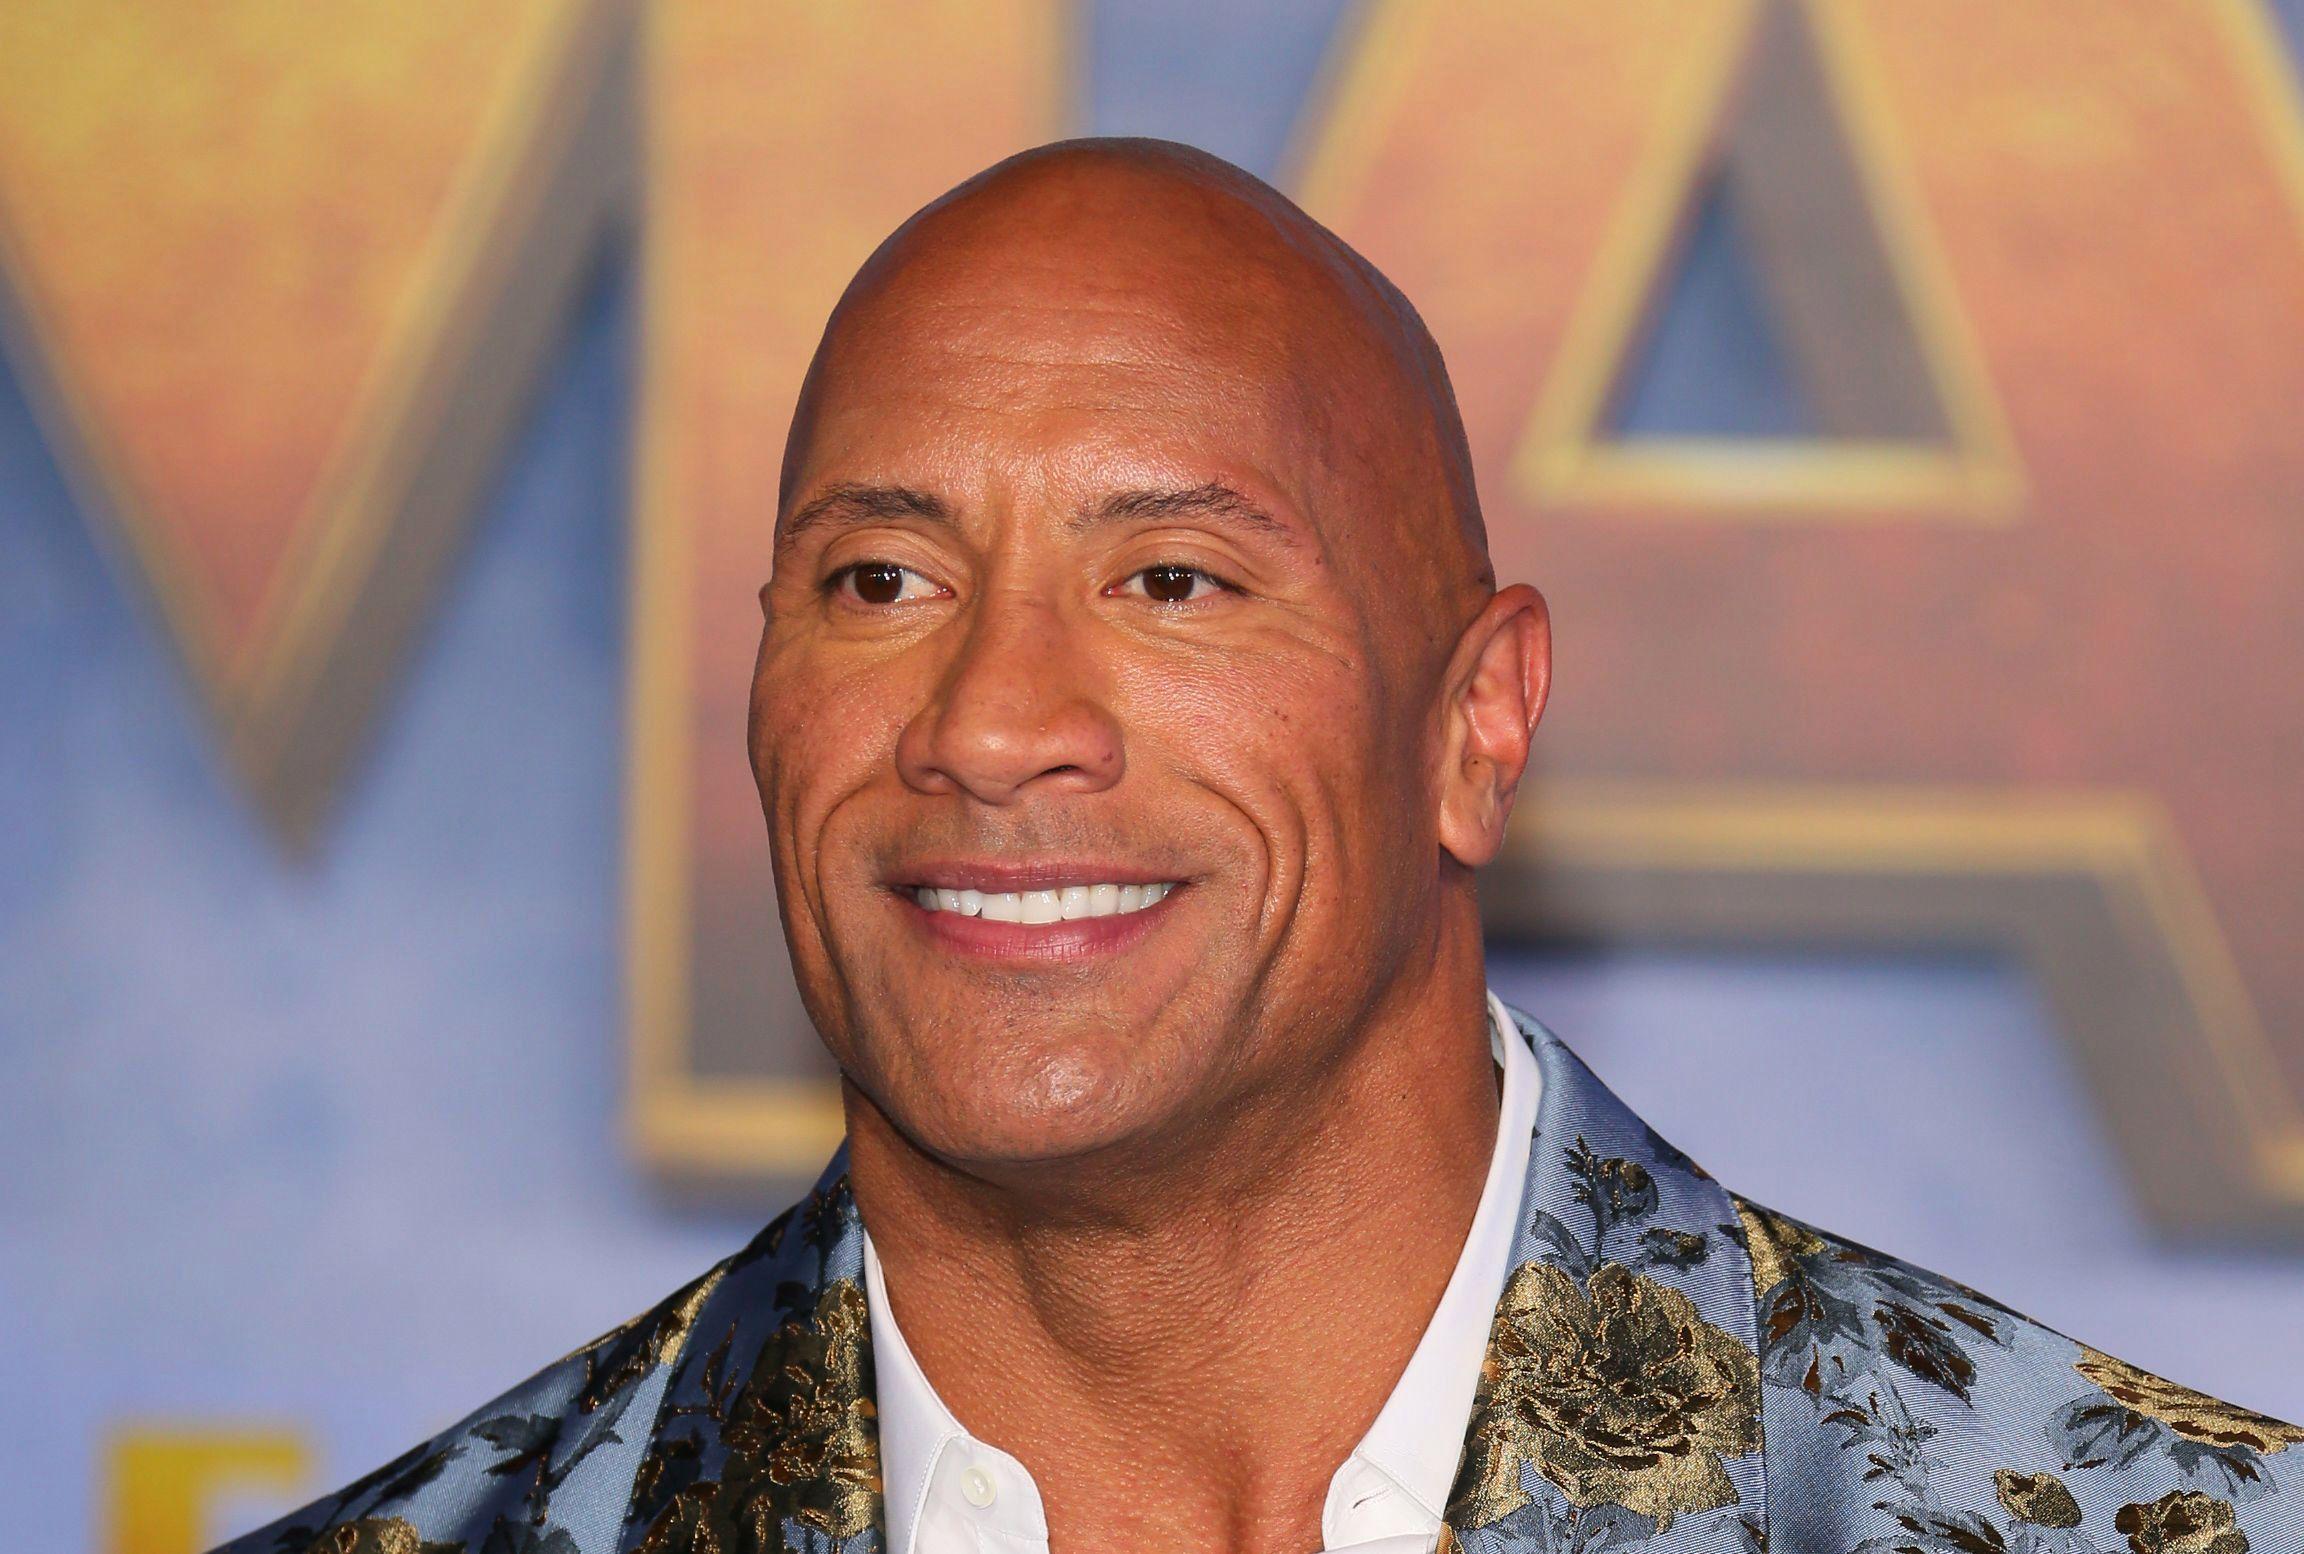 The Rock é um dos atores mais famosos do mundo (Fonte: The Sun/Reprodução)